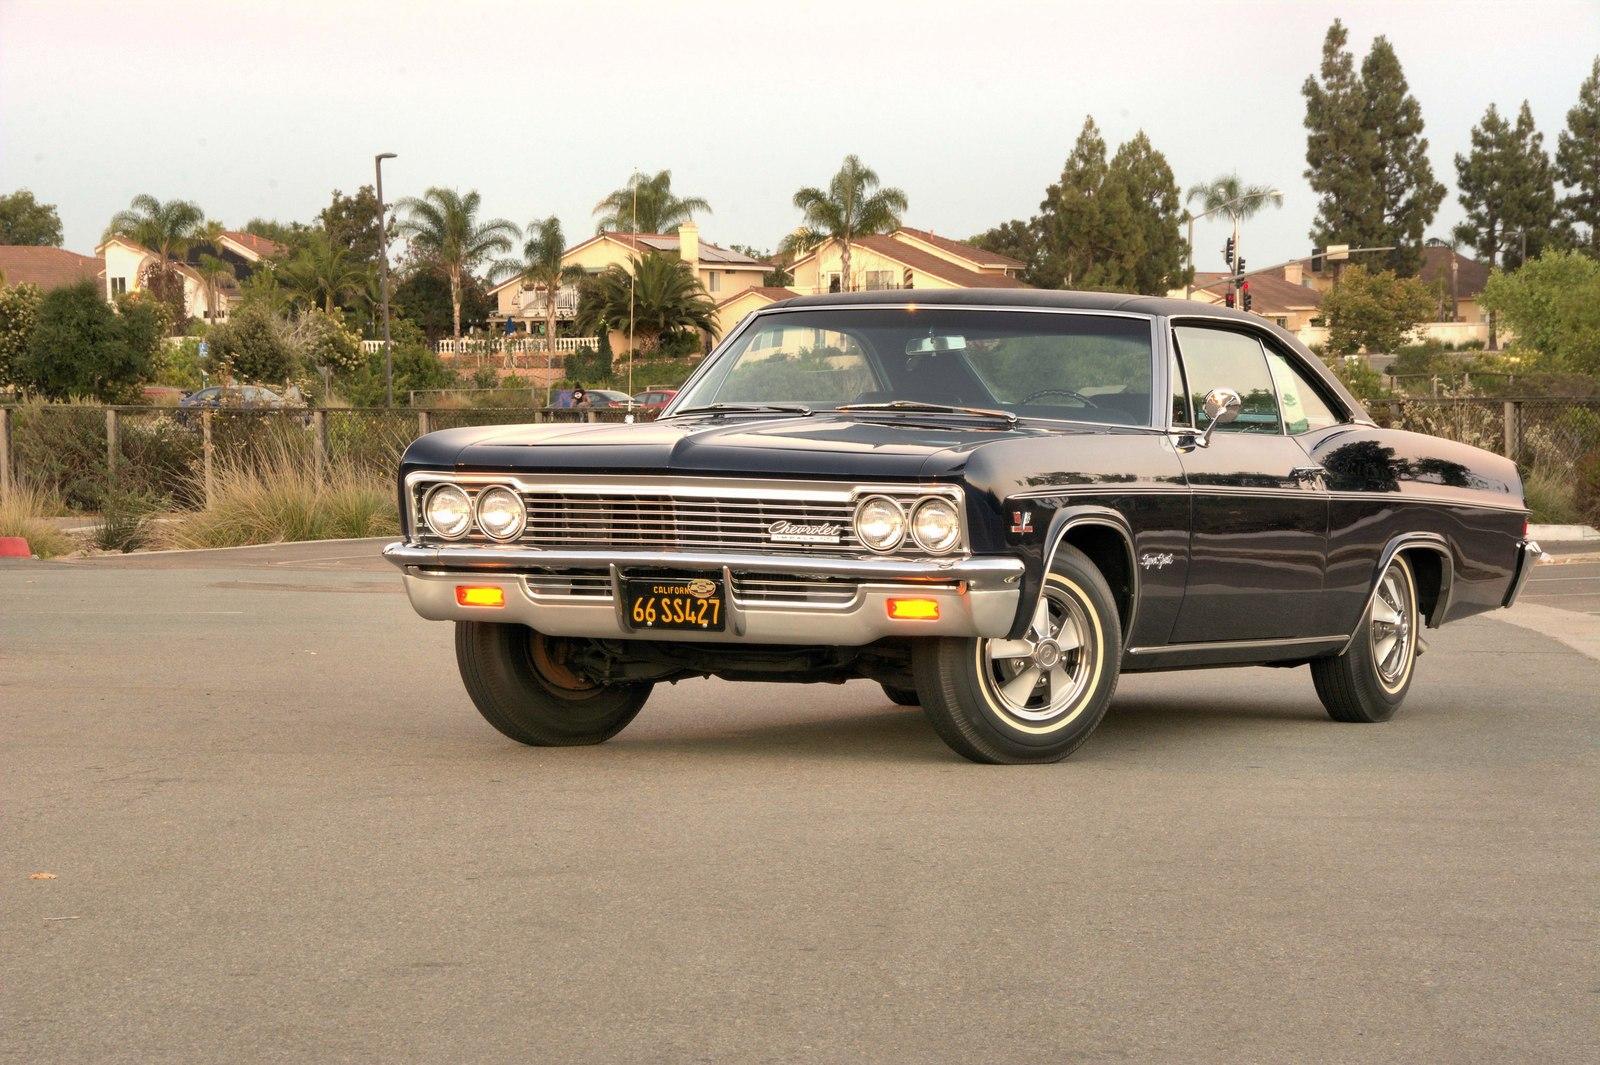 chevrolet impala с пневмоподвеской